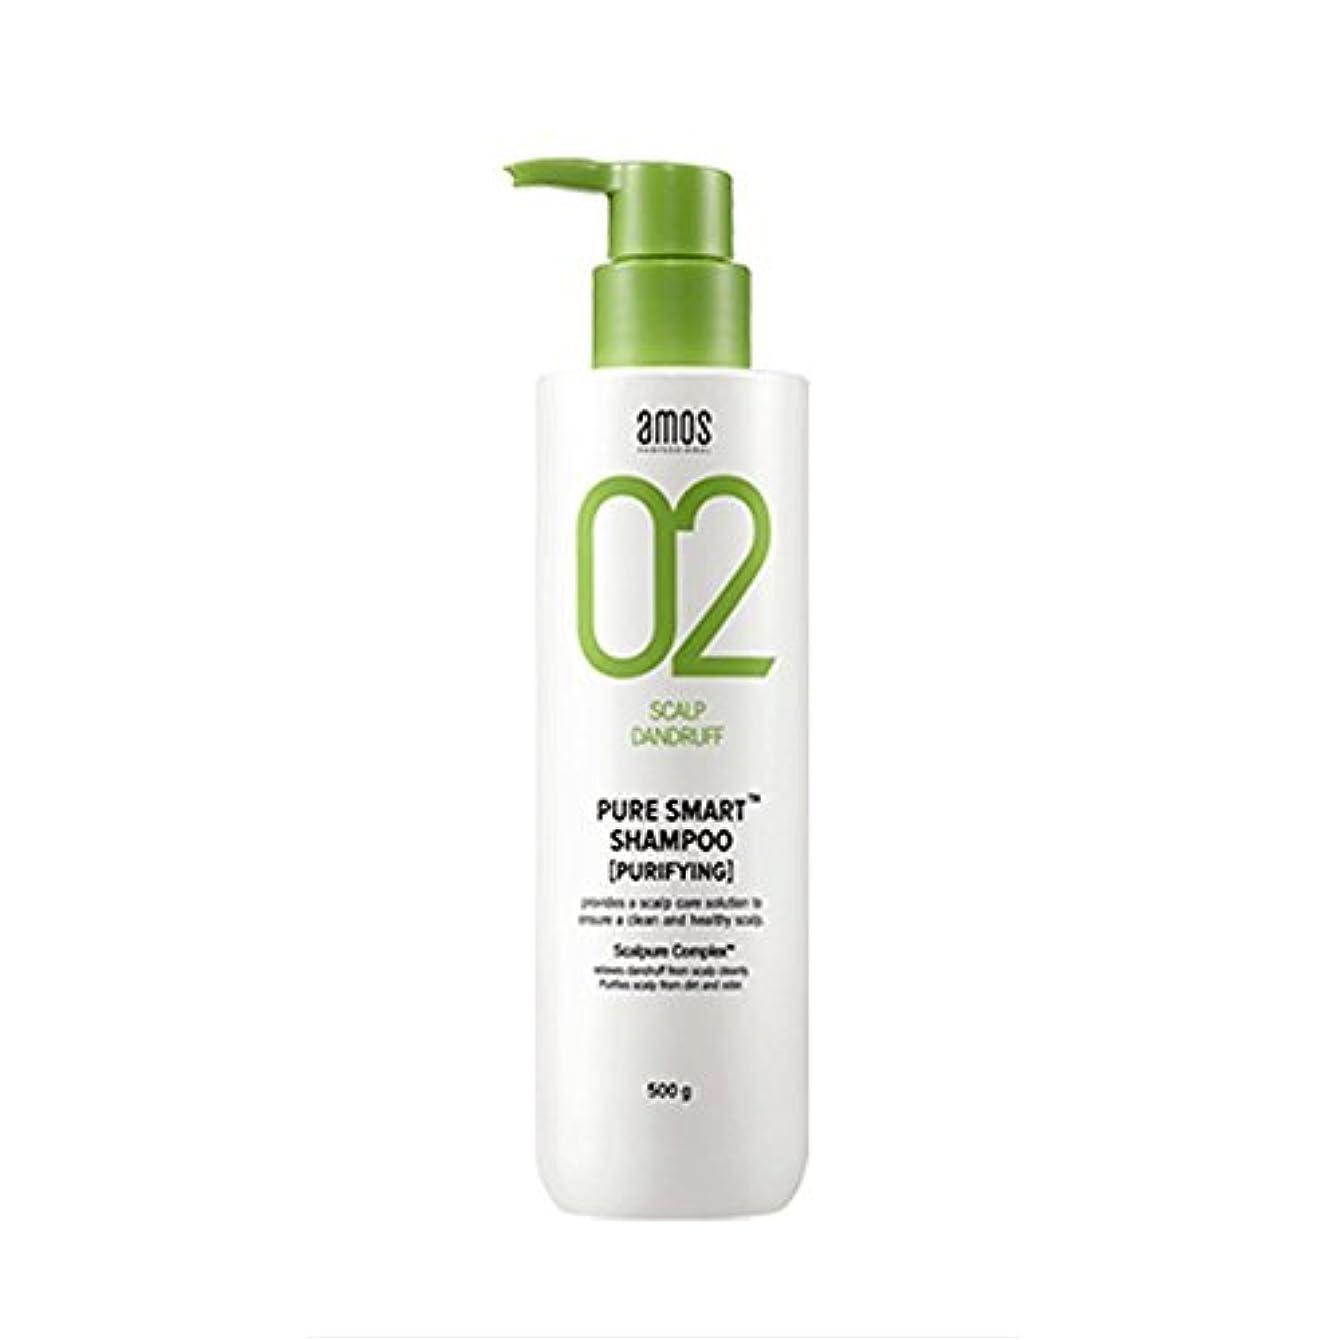 捨てる滑る知るAmos Pure Smart Shampoo 500g Dandruff Shampoo フケ専用シャンプー [並行輸入品]